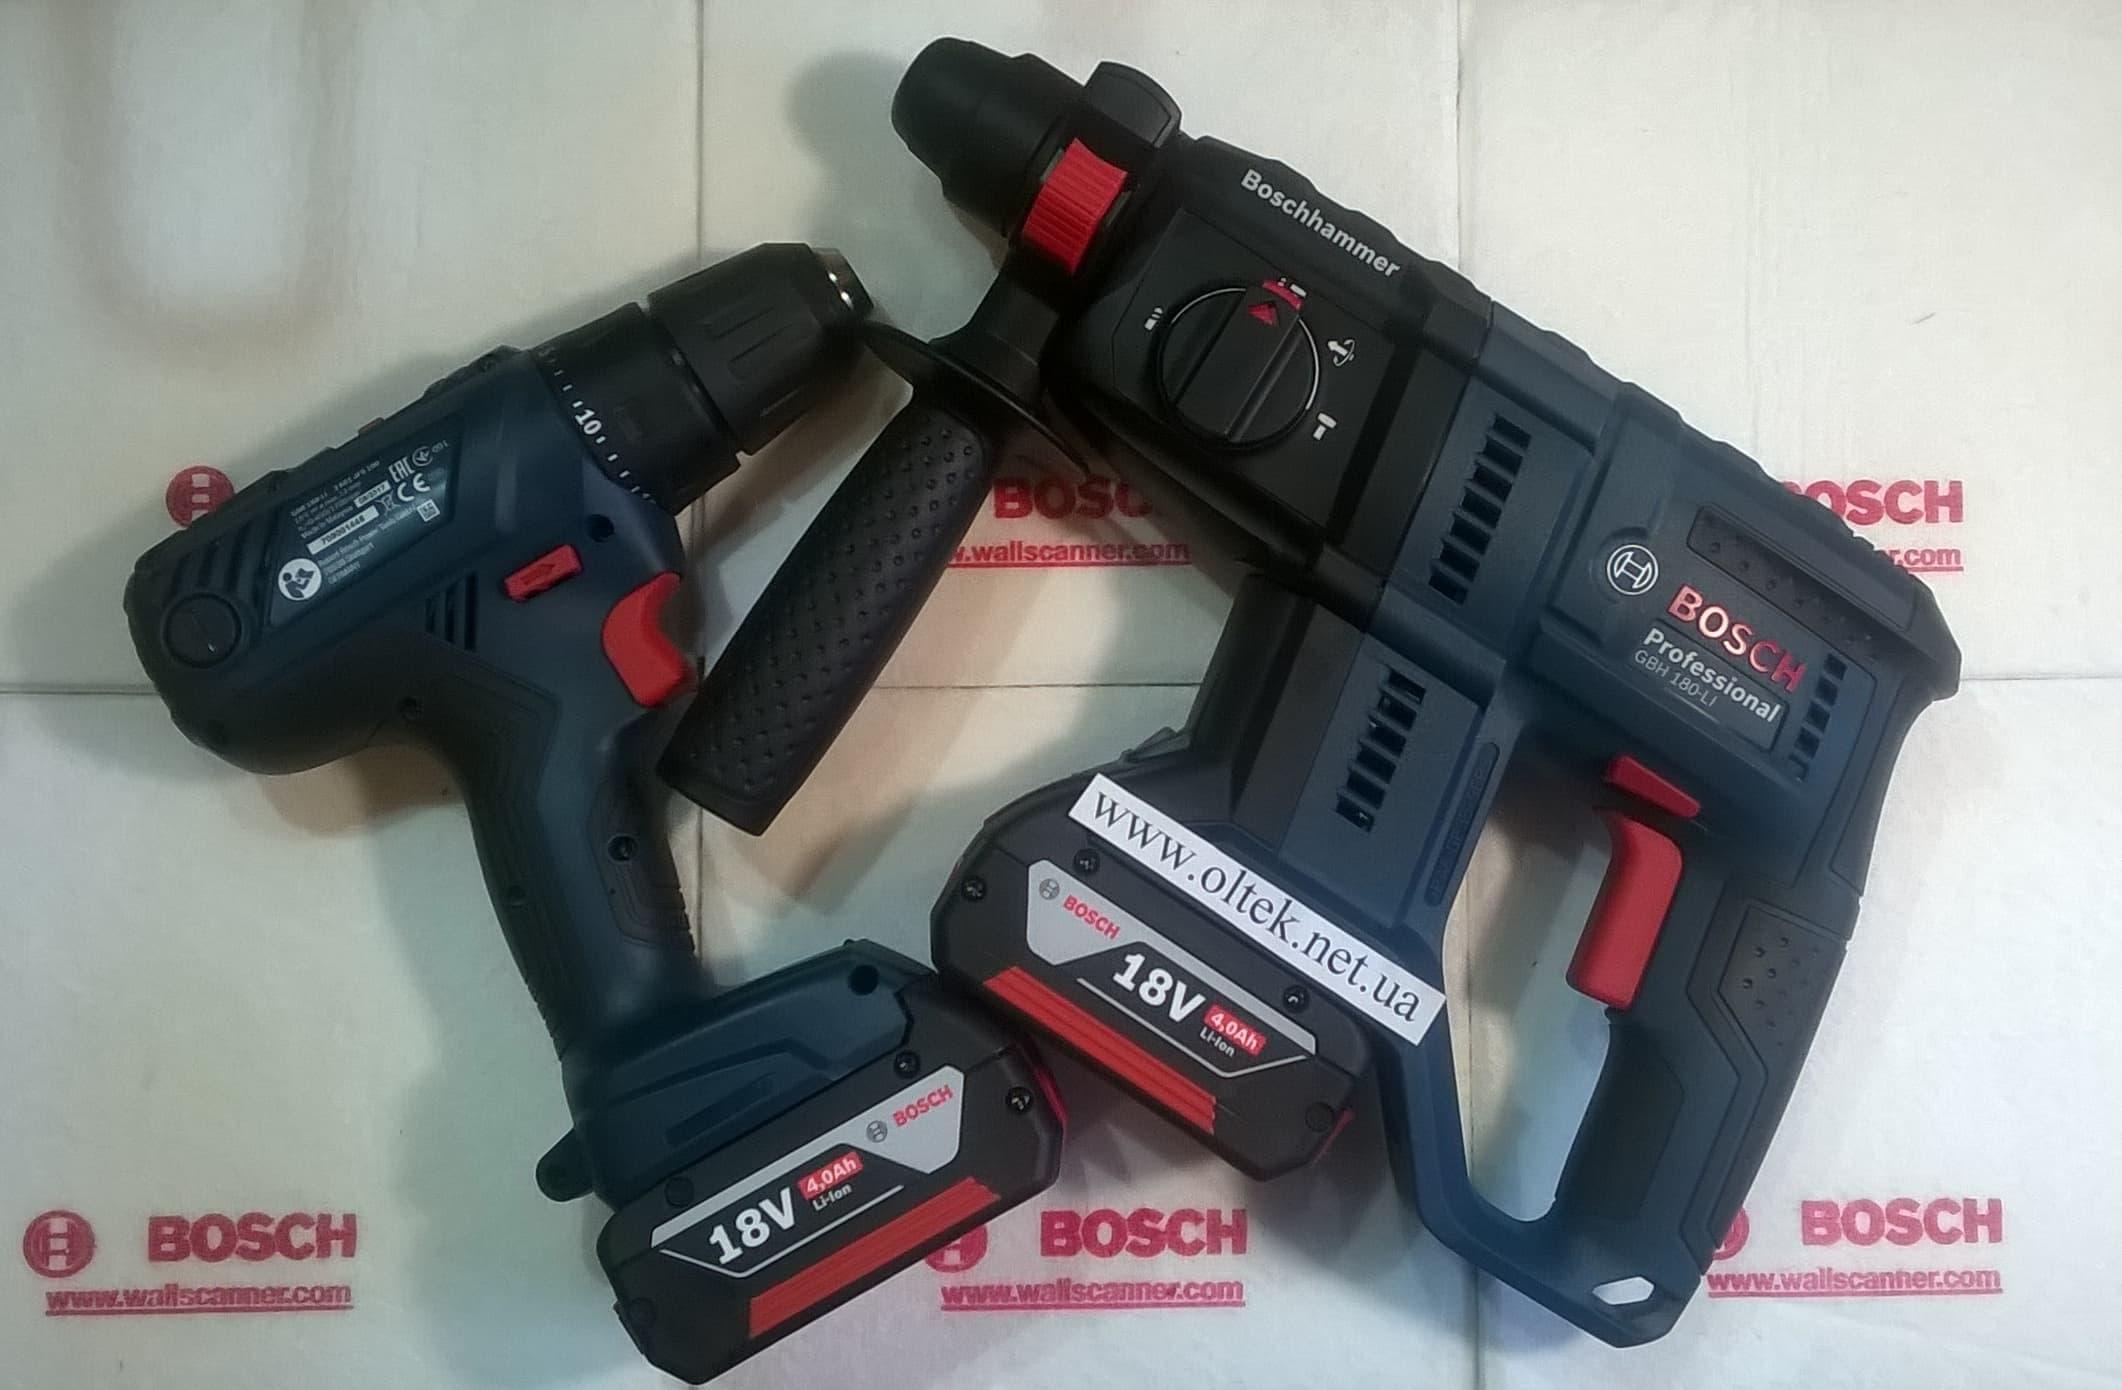 BOSCH-GBH-180-LI+GSR-180-LI